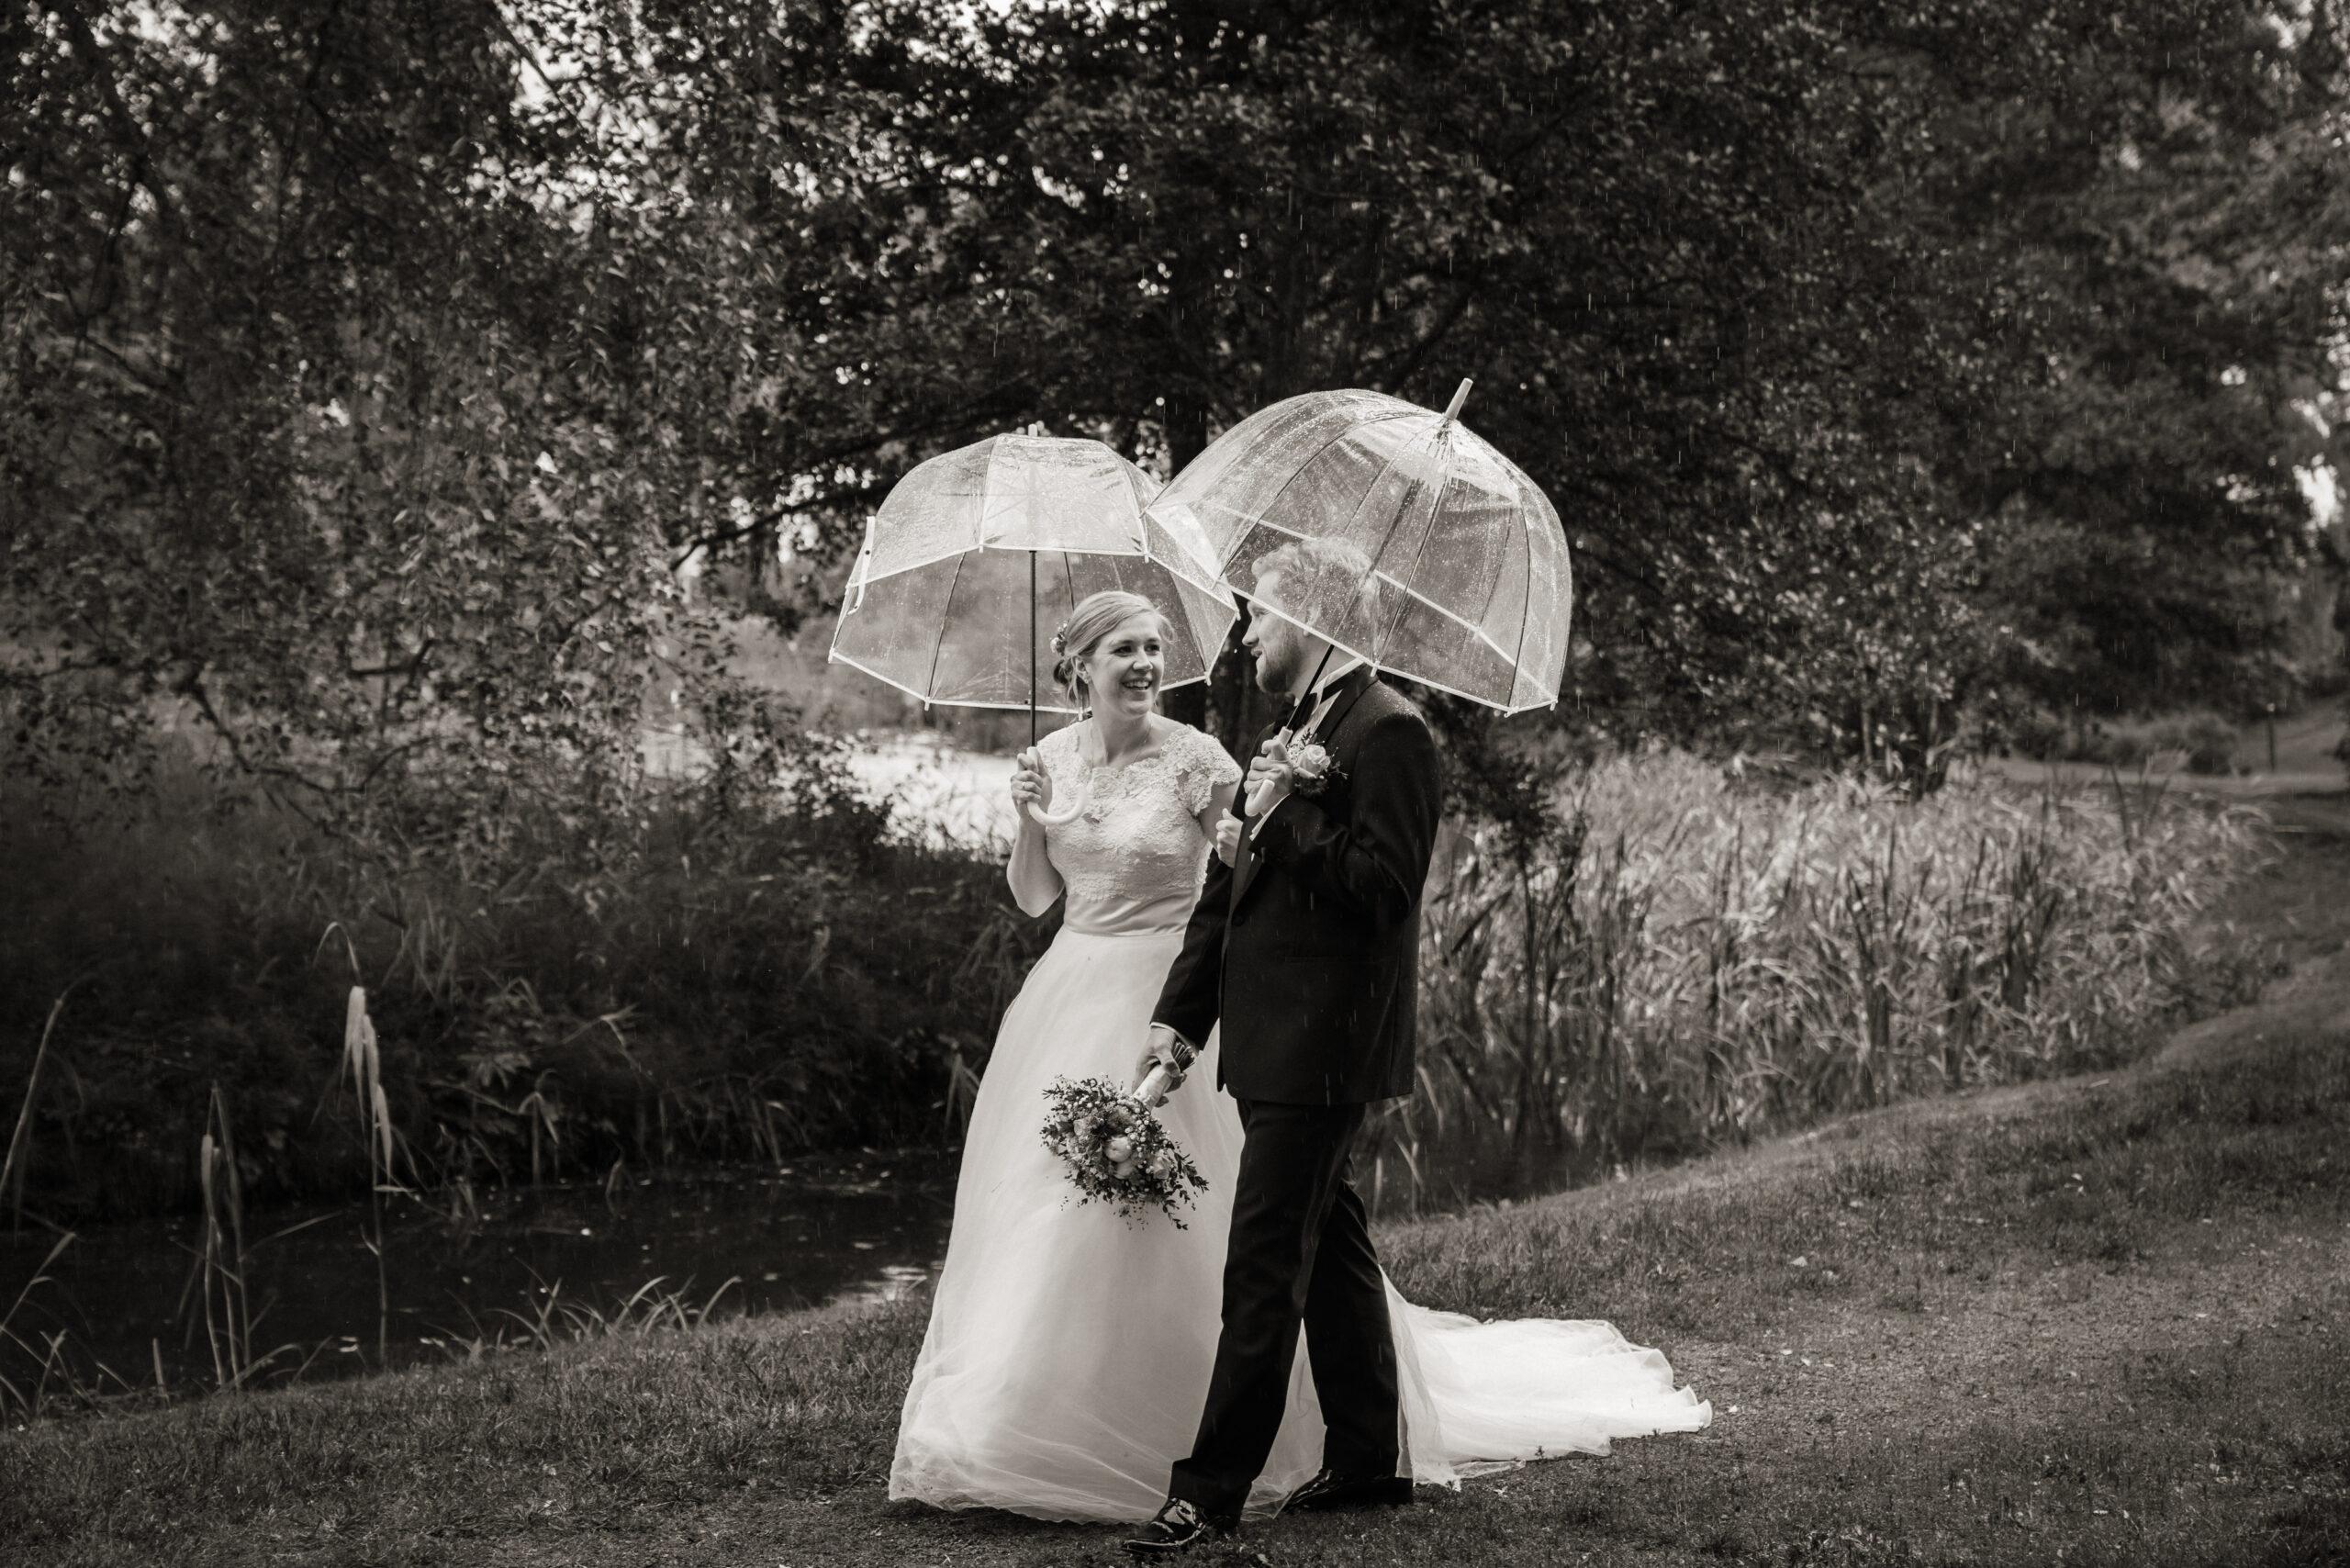 Bryllup og regn